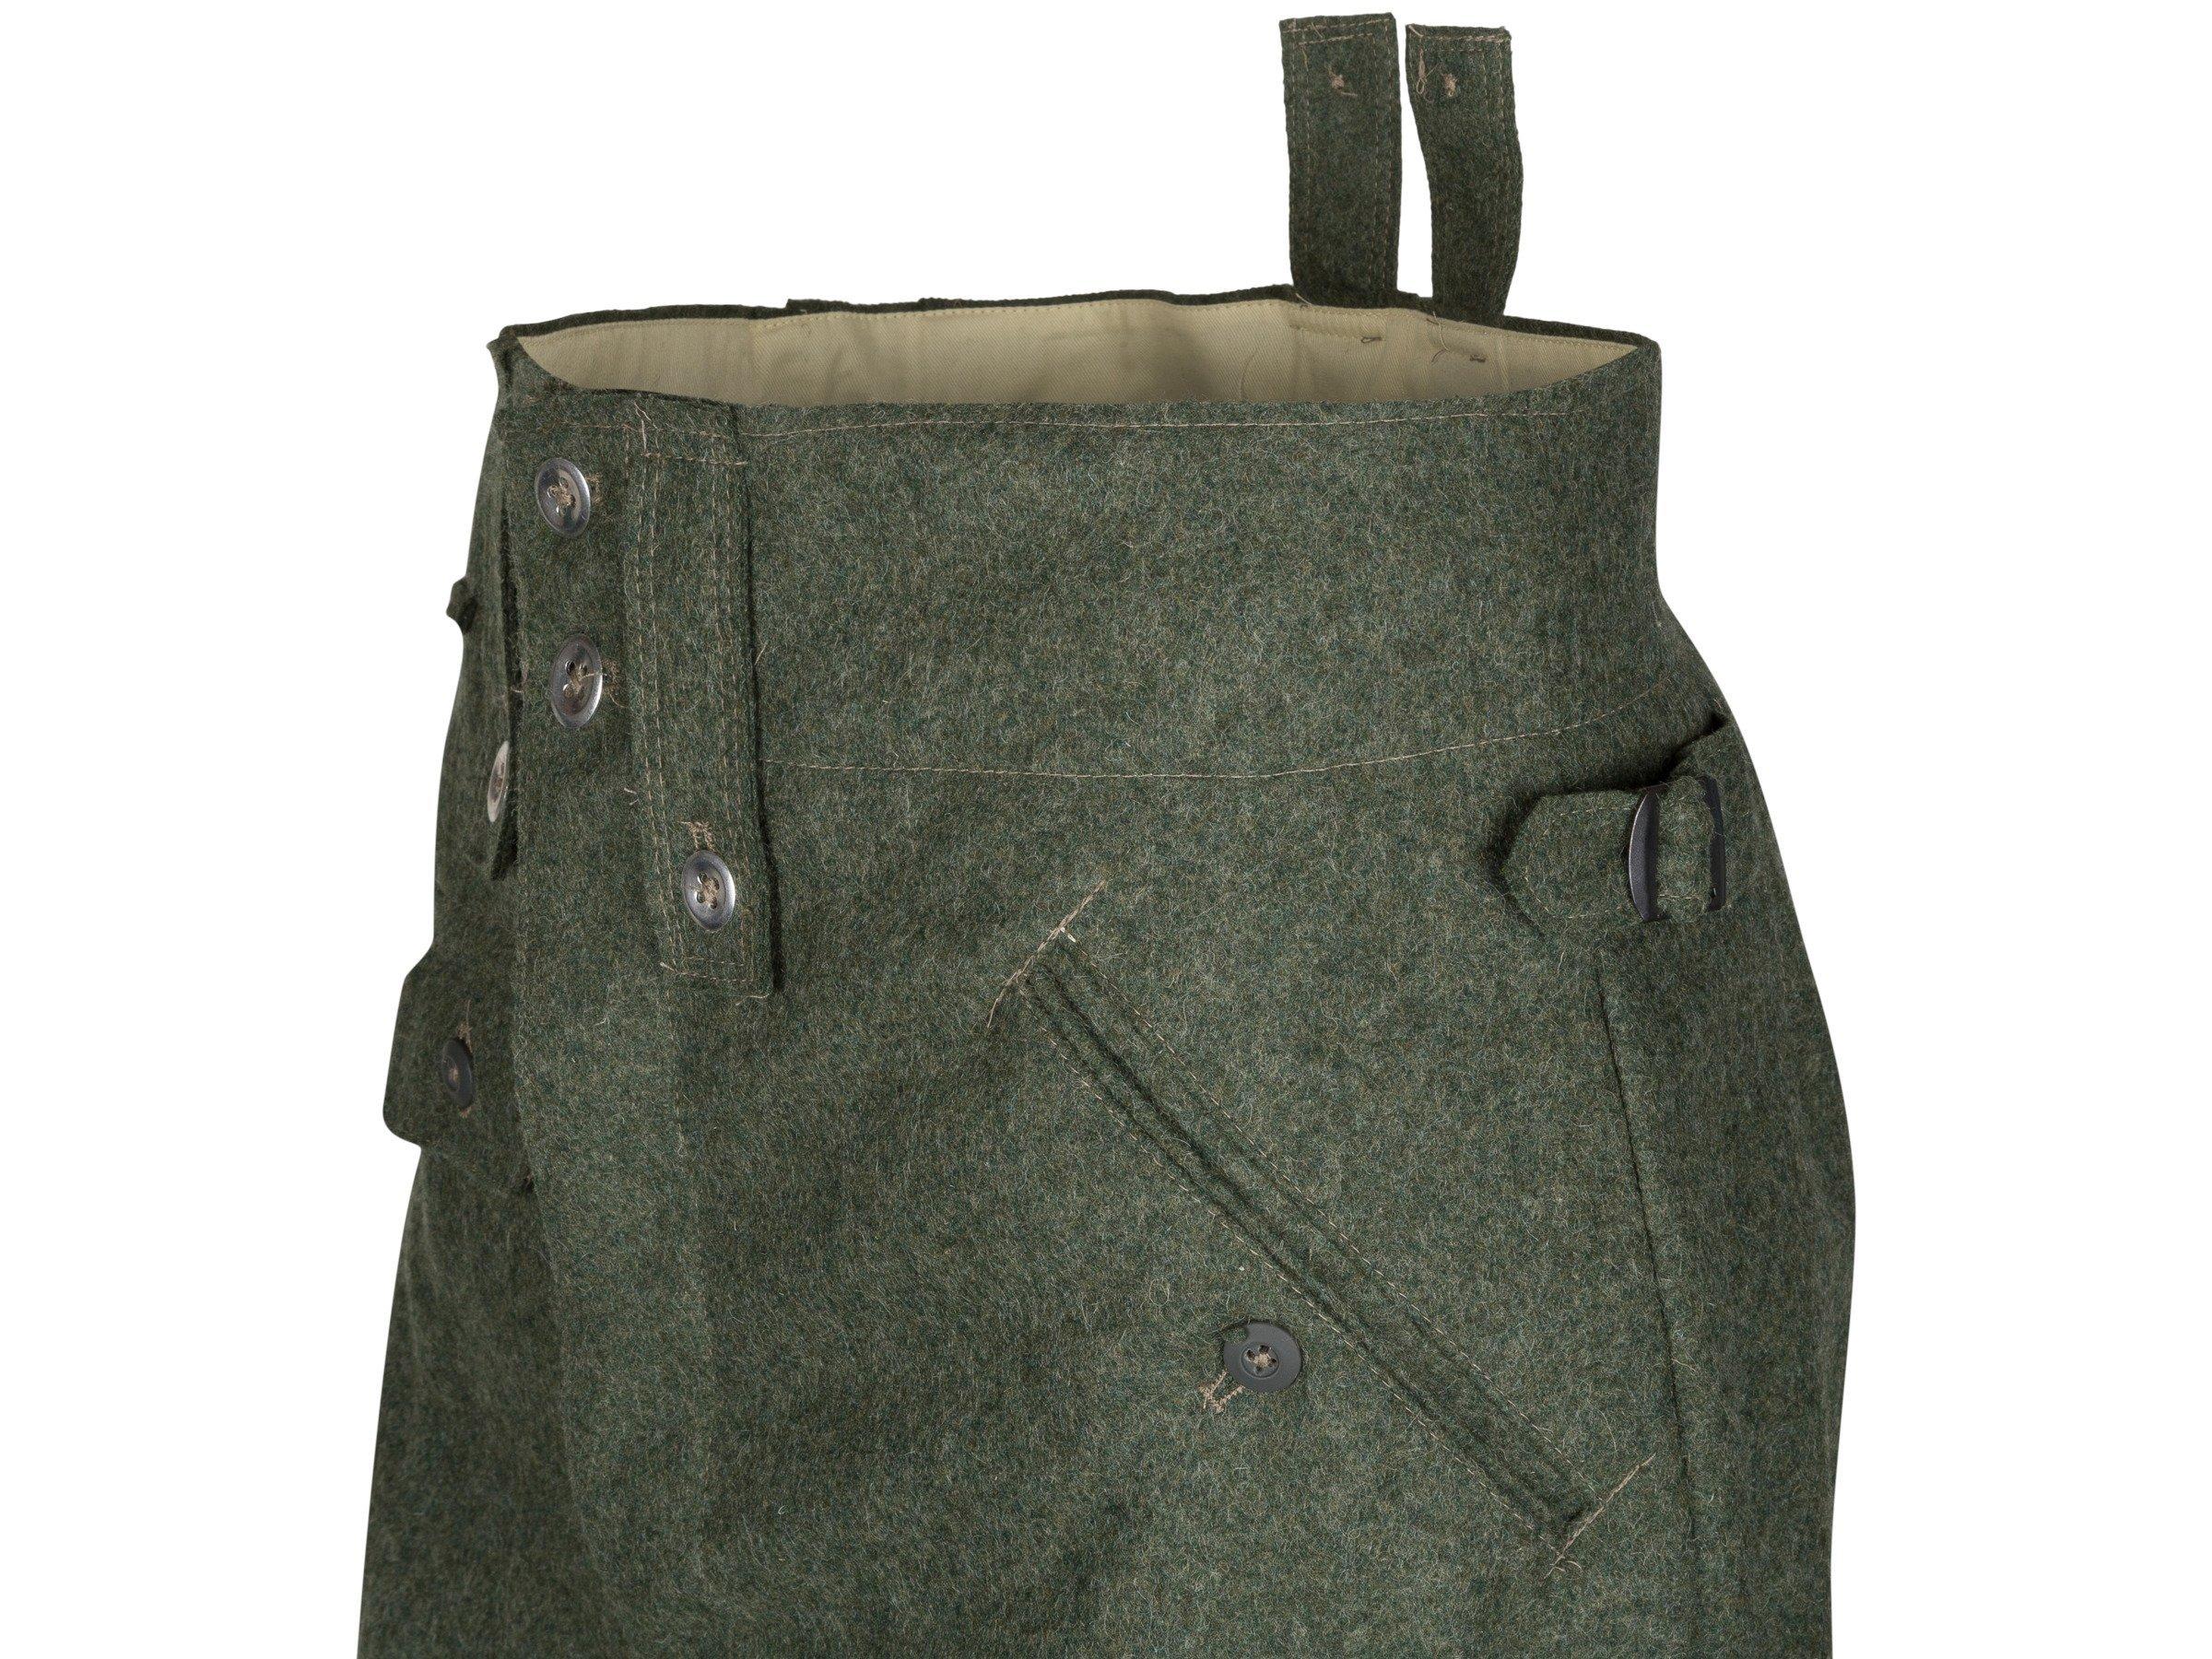 297981d6a7d ... M43 Feldhose - WH SS field trousers - repro by Sturm ...